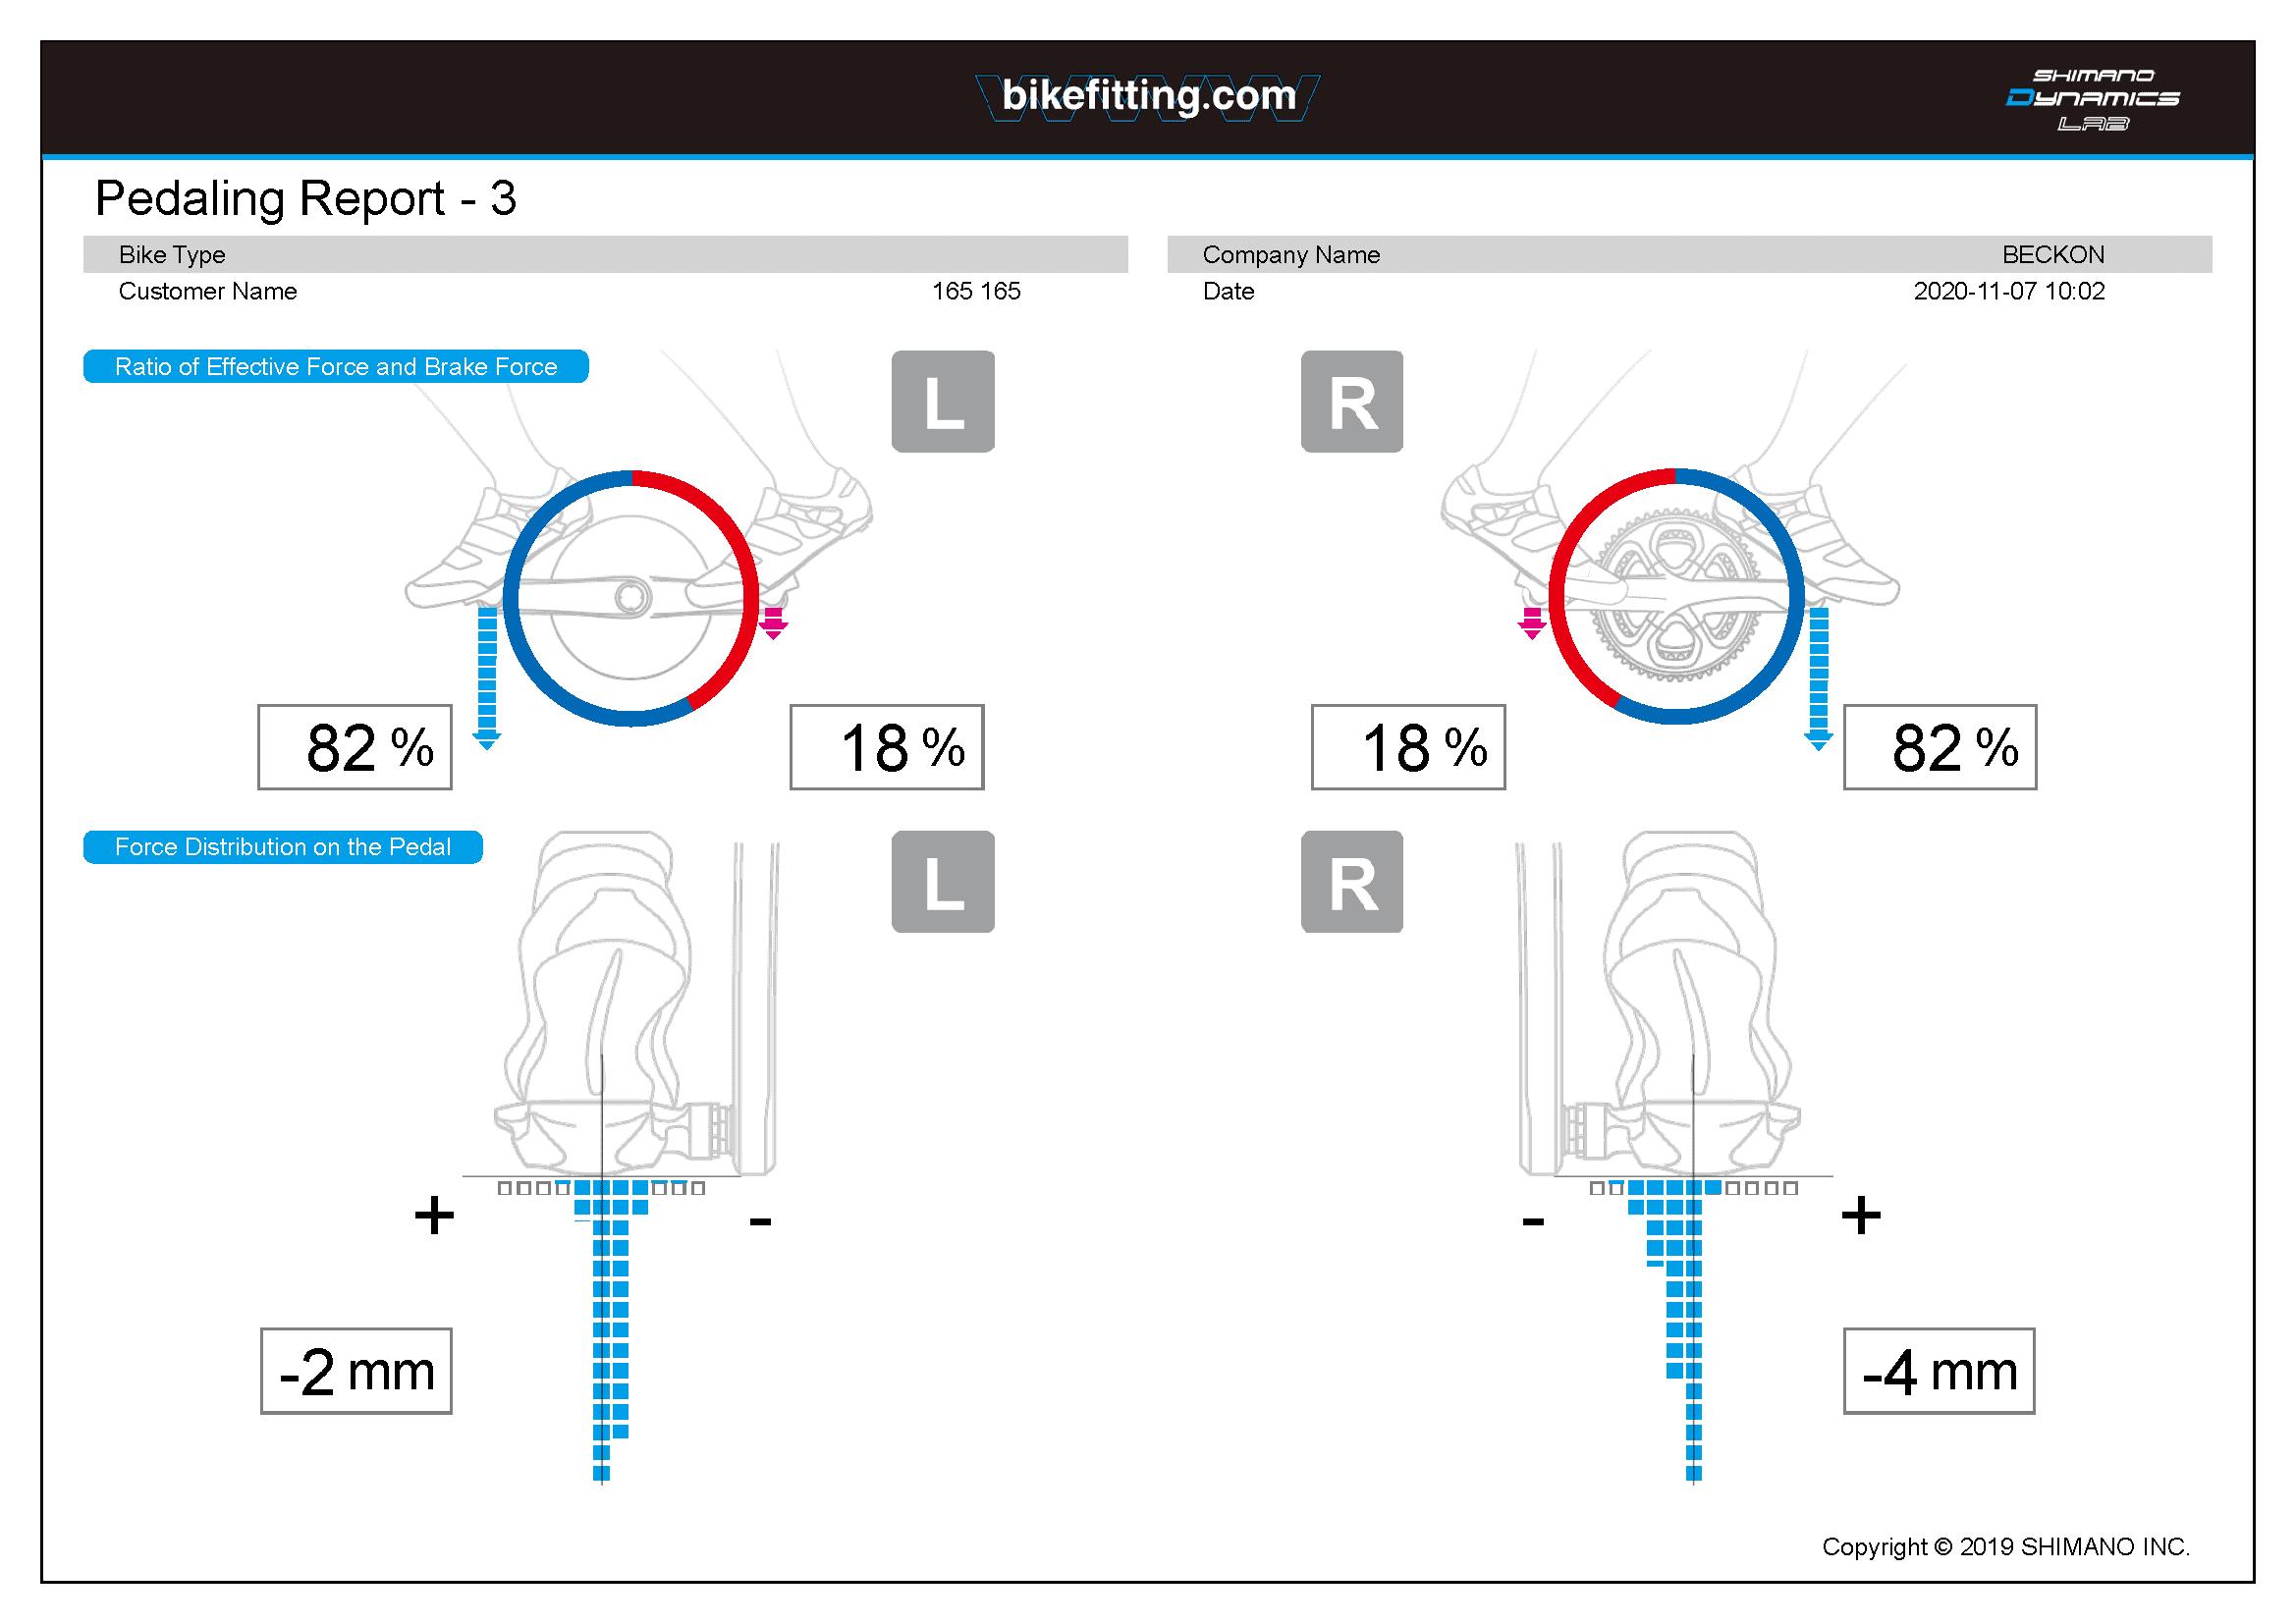 ペダリング効率、ペダルへの荷重位置を可視化